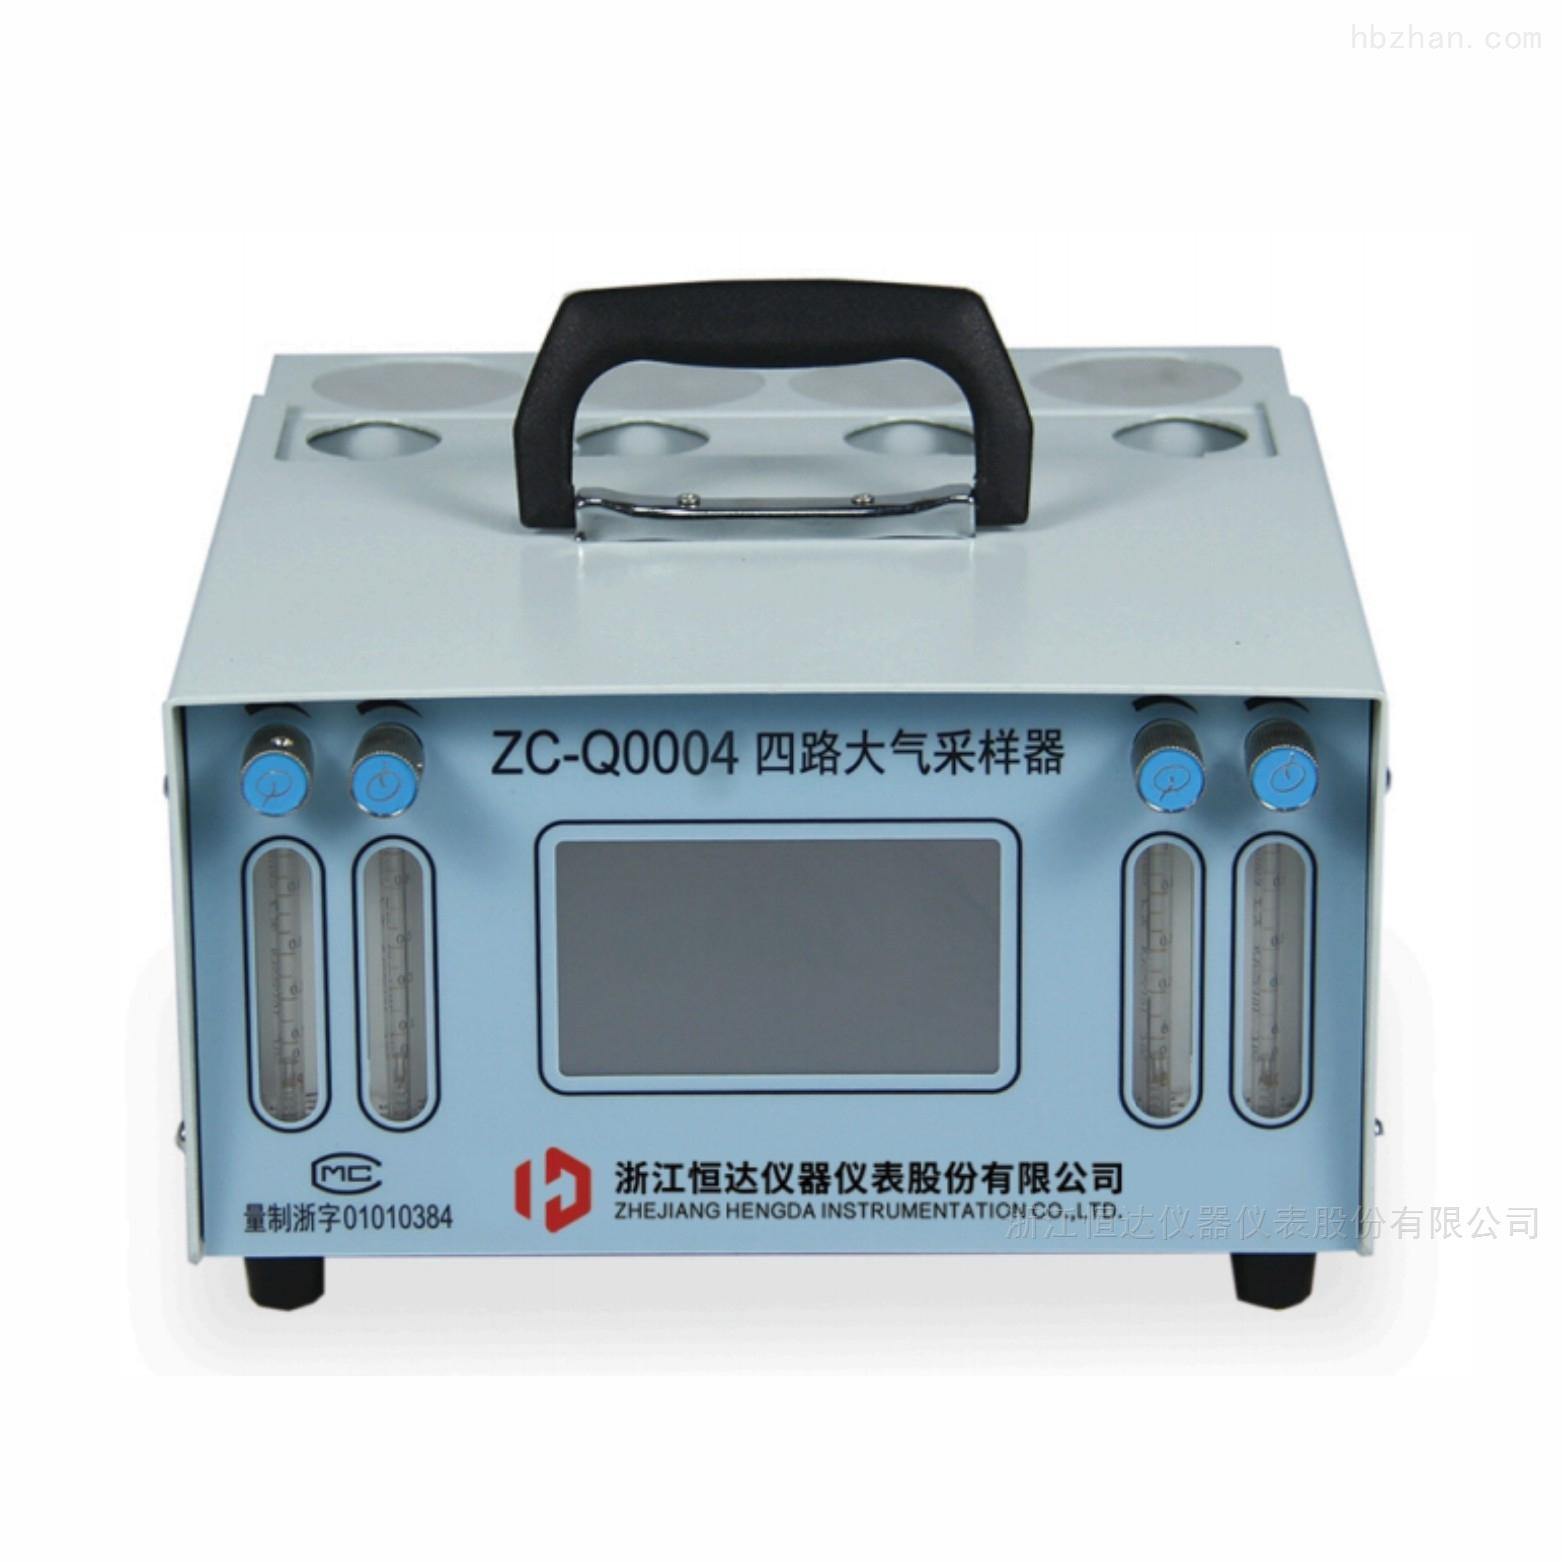 ZC-Q0004大气采样器(四路)